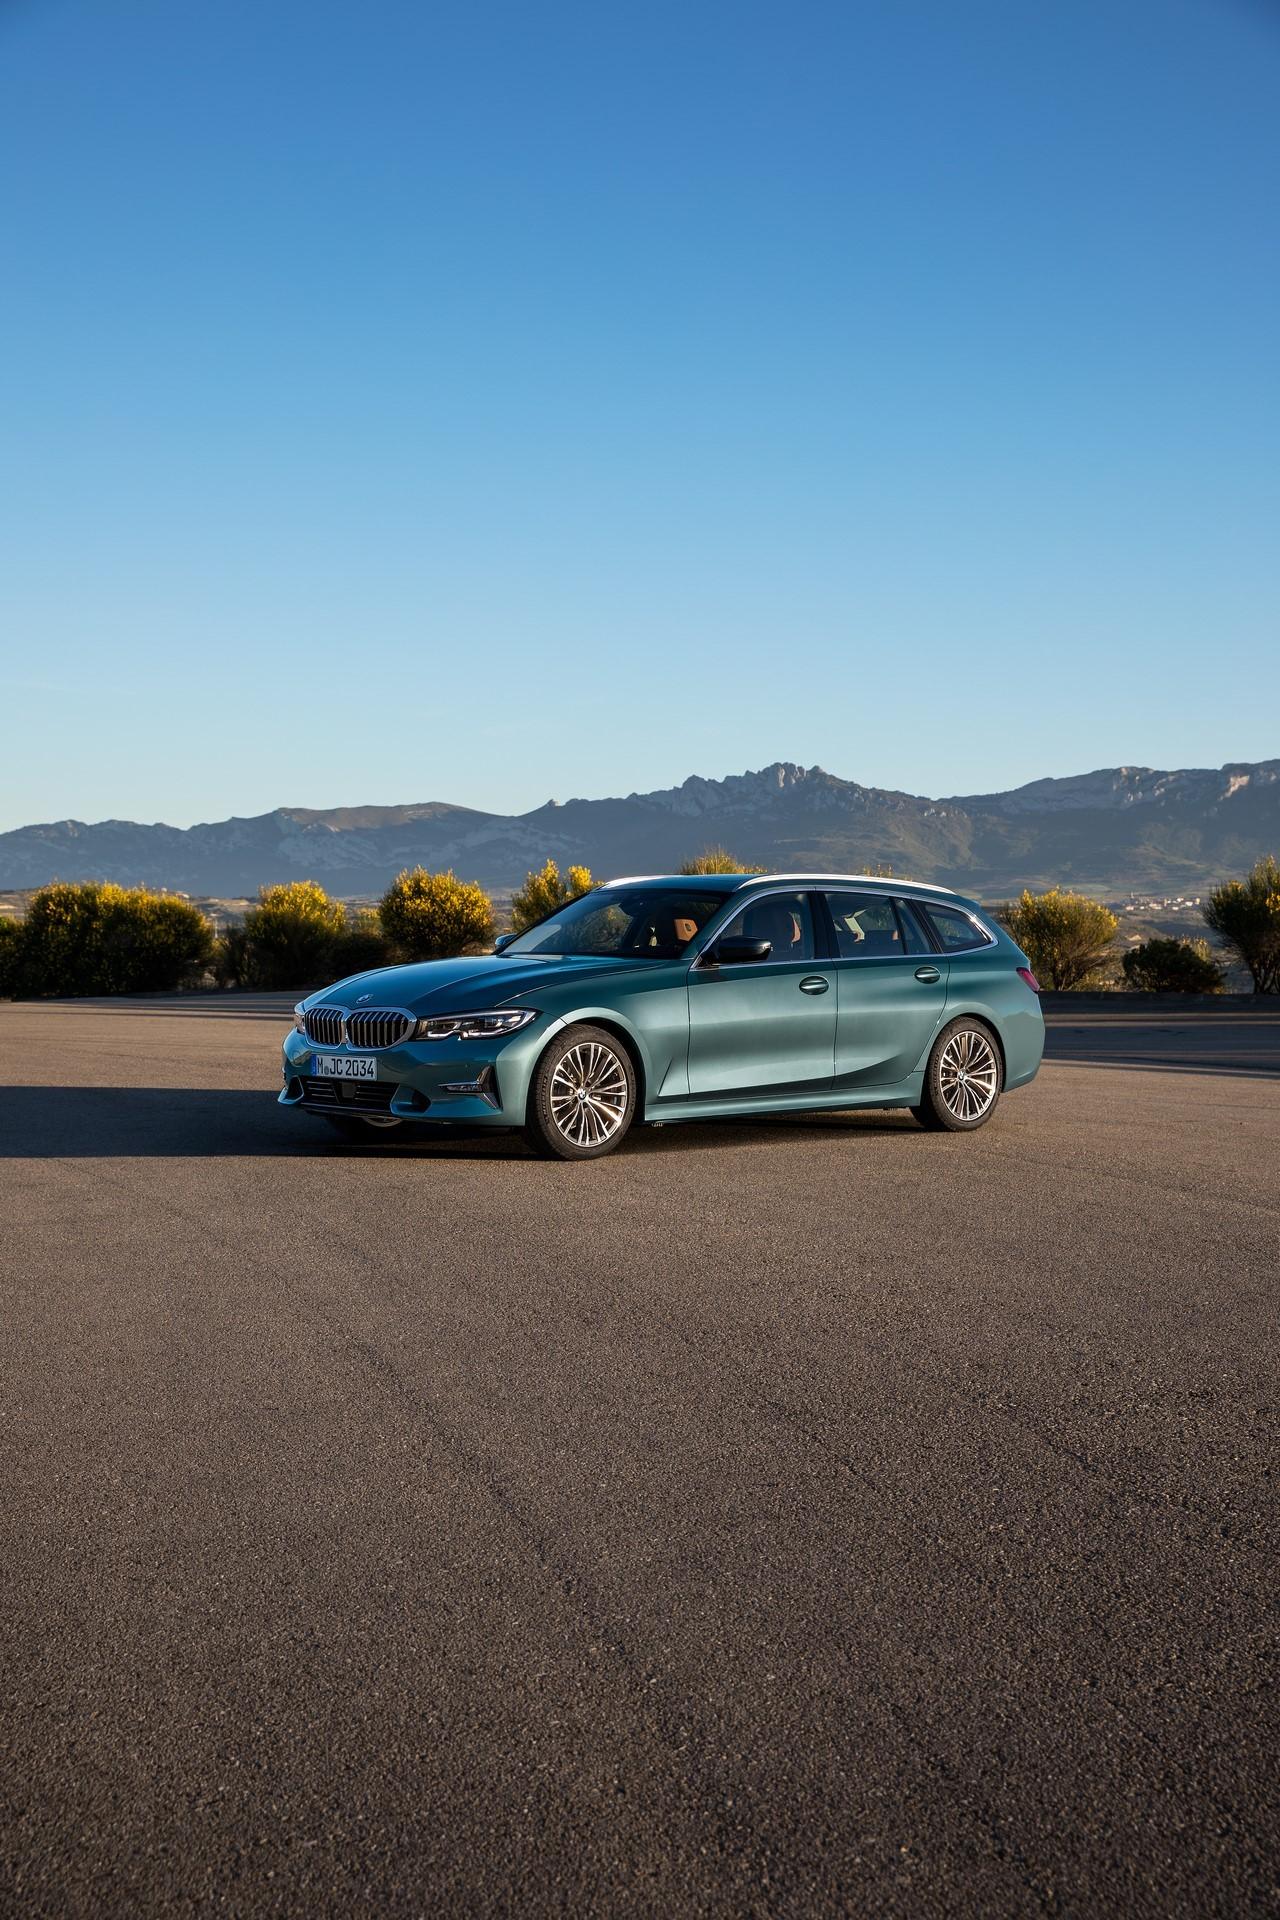 BMW-3-Series-Touring-2019-24